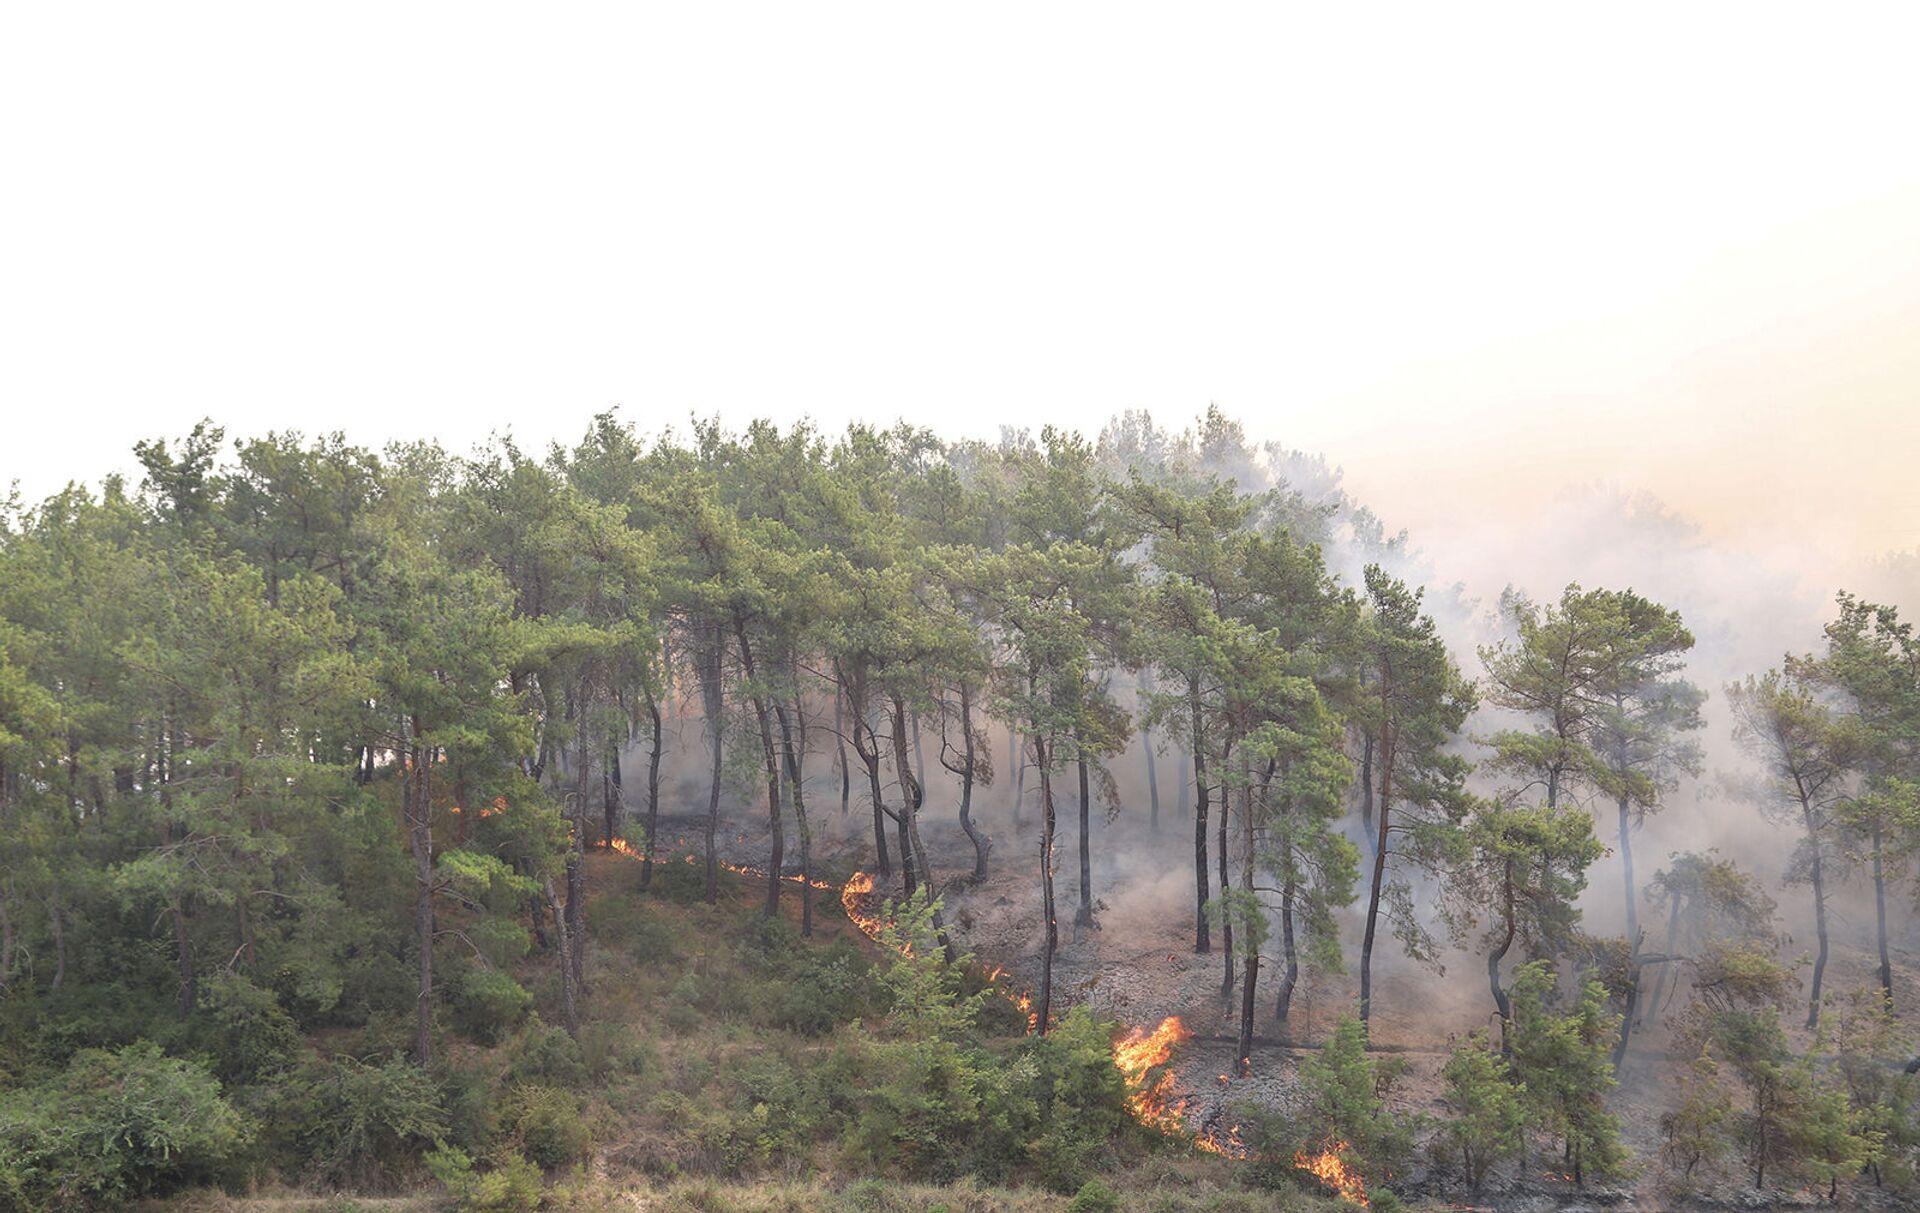 В Турции полыхают лесные пожары, есть погибшие - Sputnik Армения, 1920, 29.07.2021